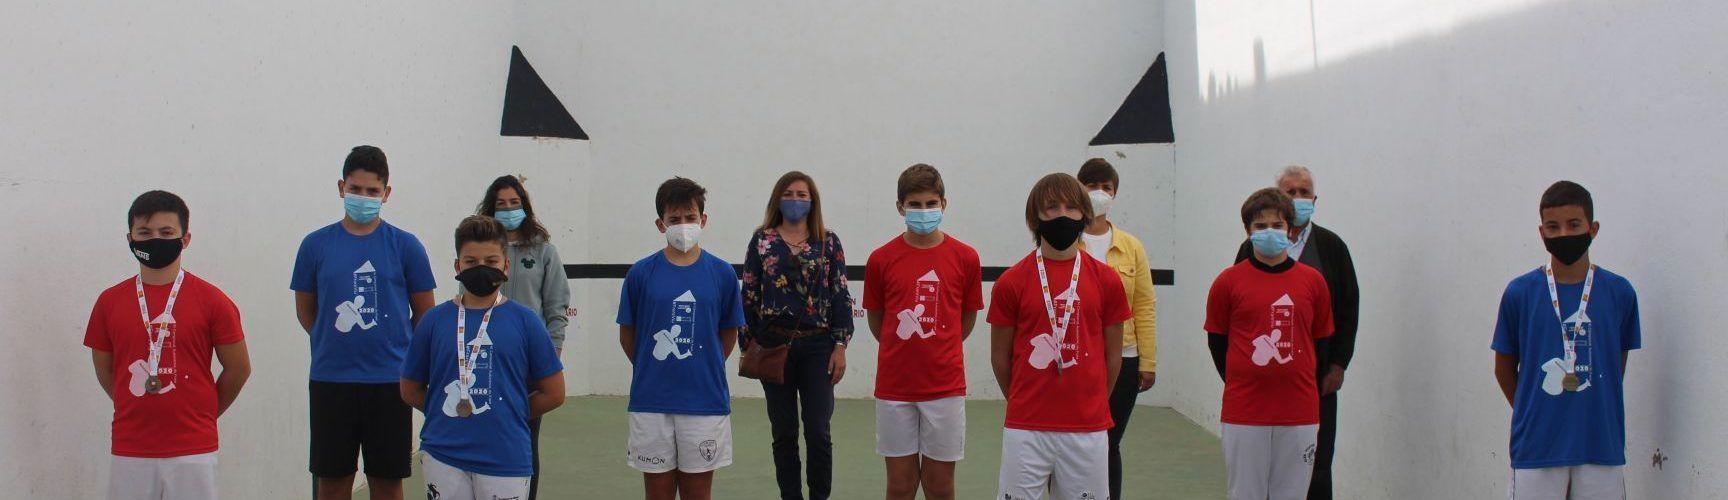 Traiguera i Xert premien els guanyadors dels JECV de frare